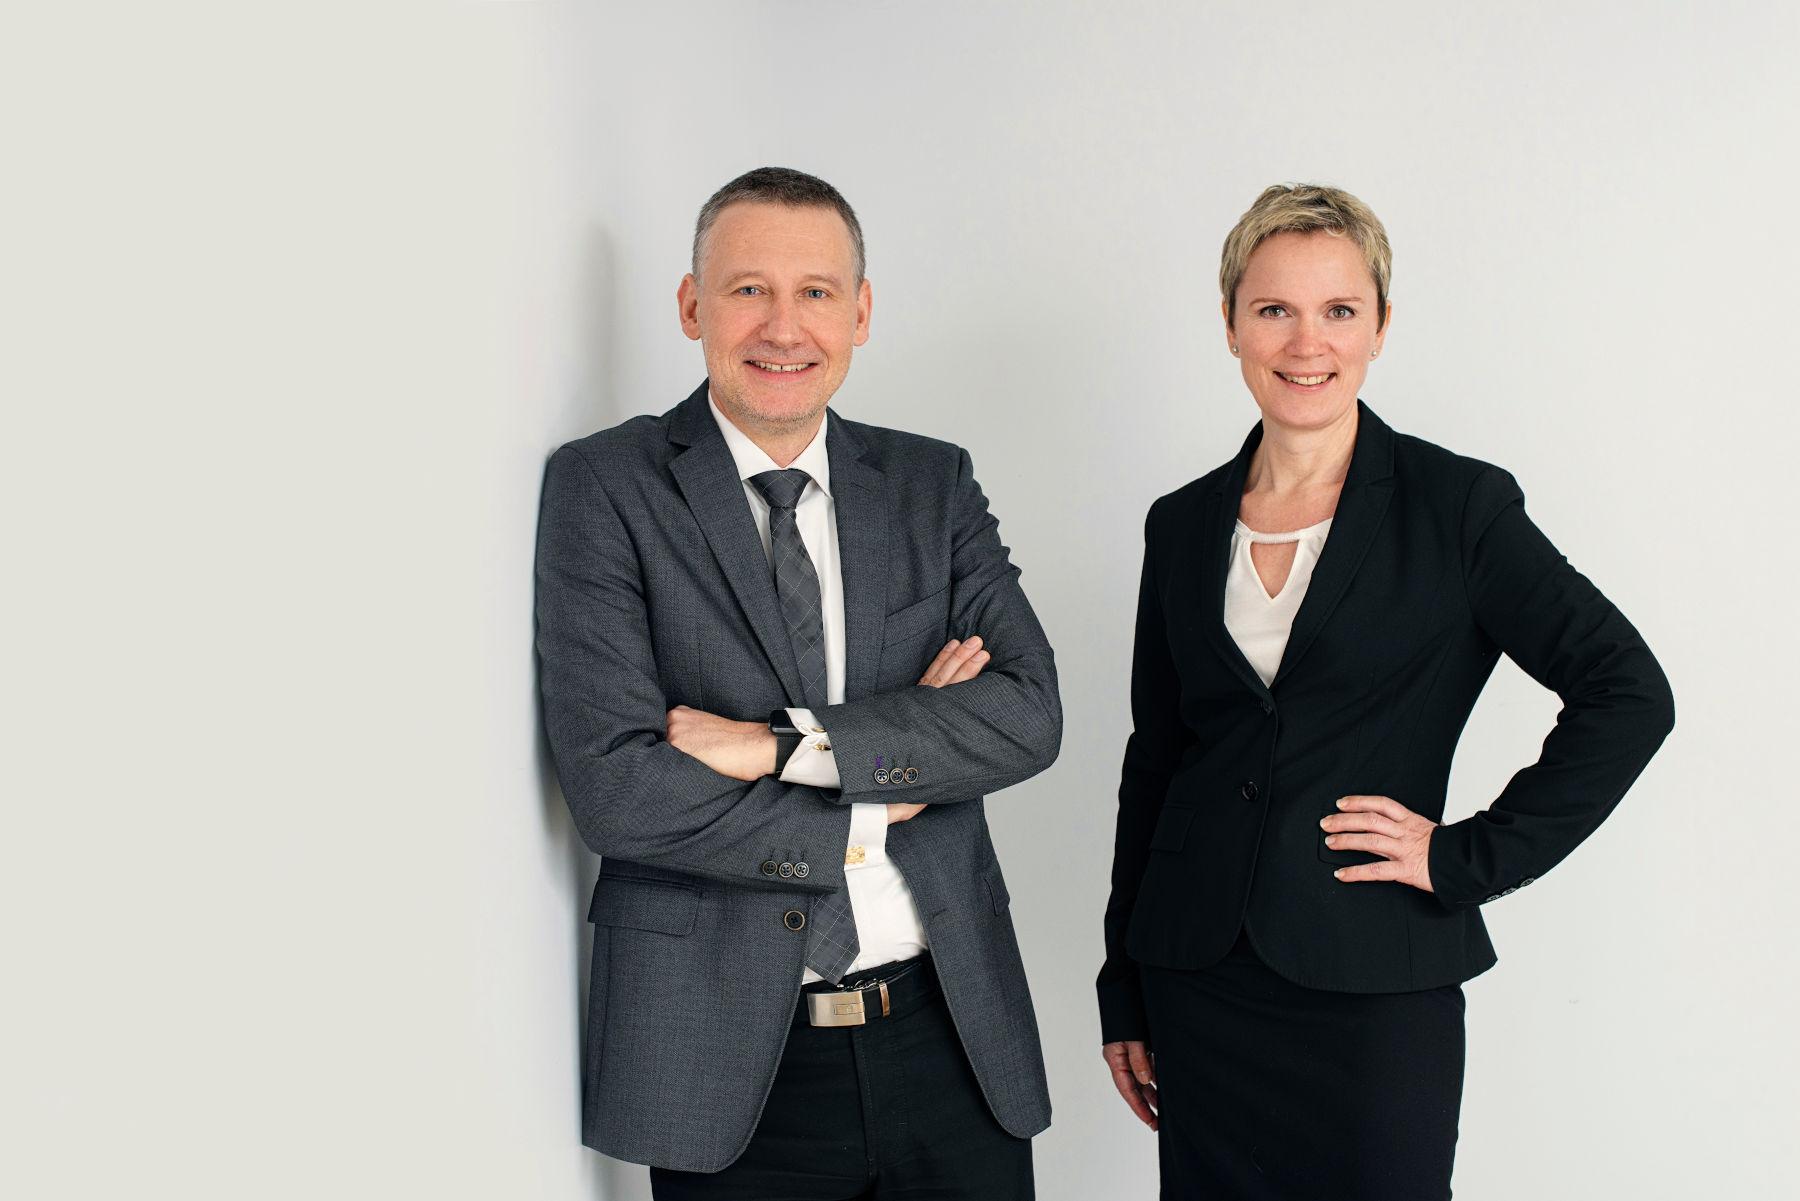 pahl & partner Steuerberater in Göttingen